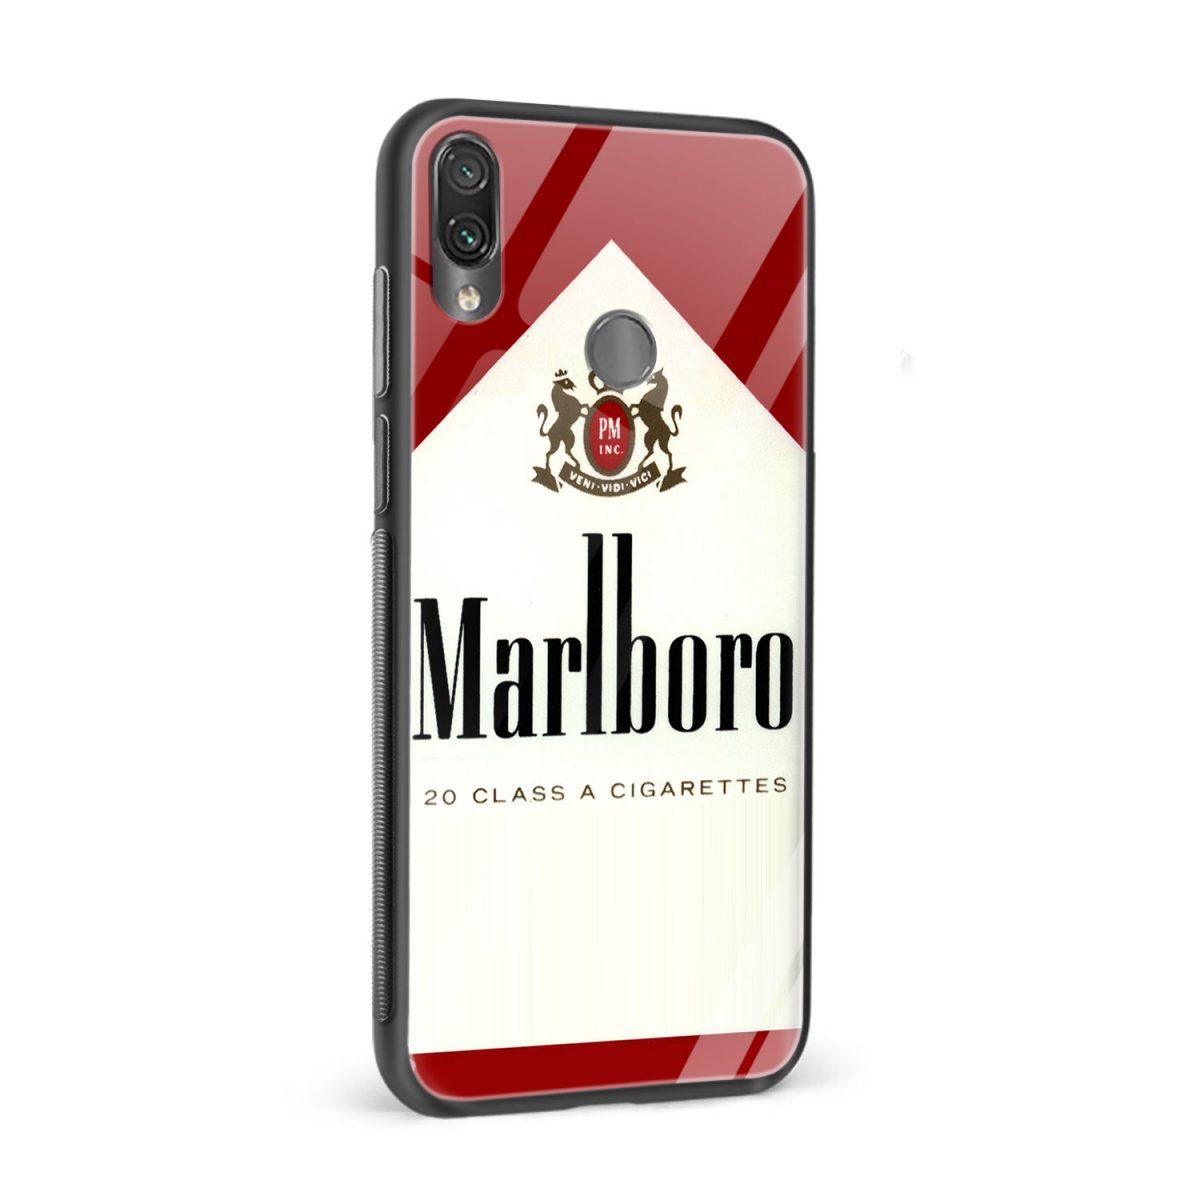 marlboro cigarette custom redmi note7 mobile cover side view 1